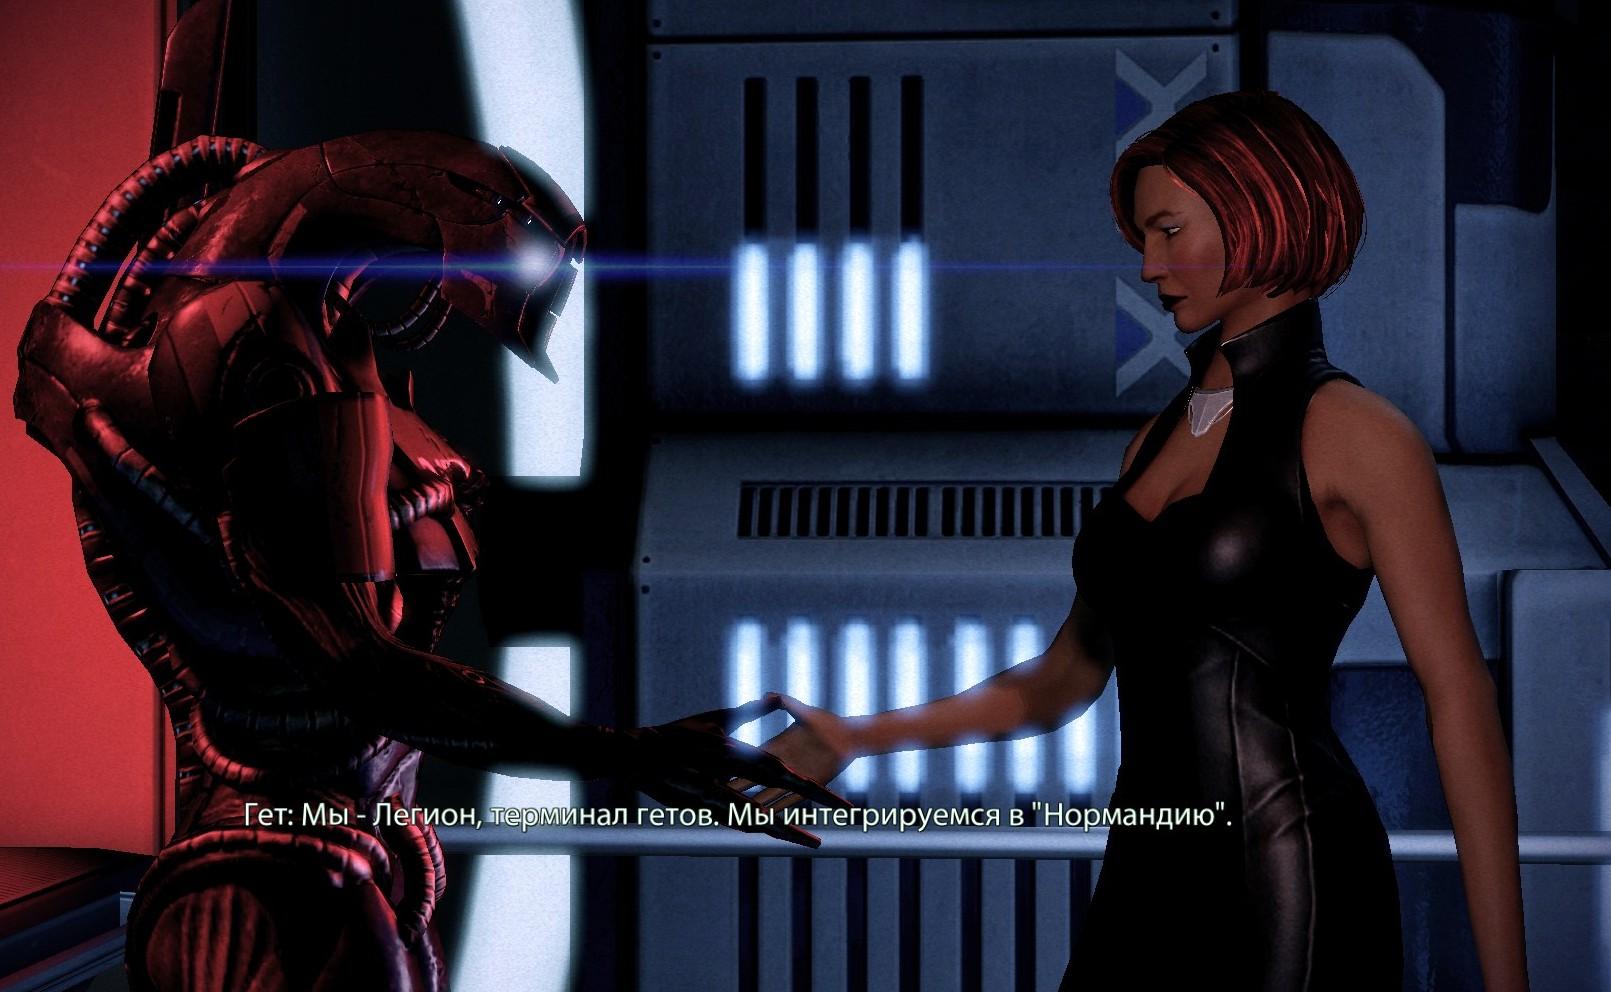 ScreenShot00073 — копия.jpg - Mass Effect 2